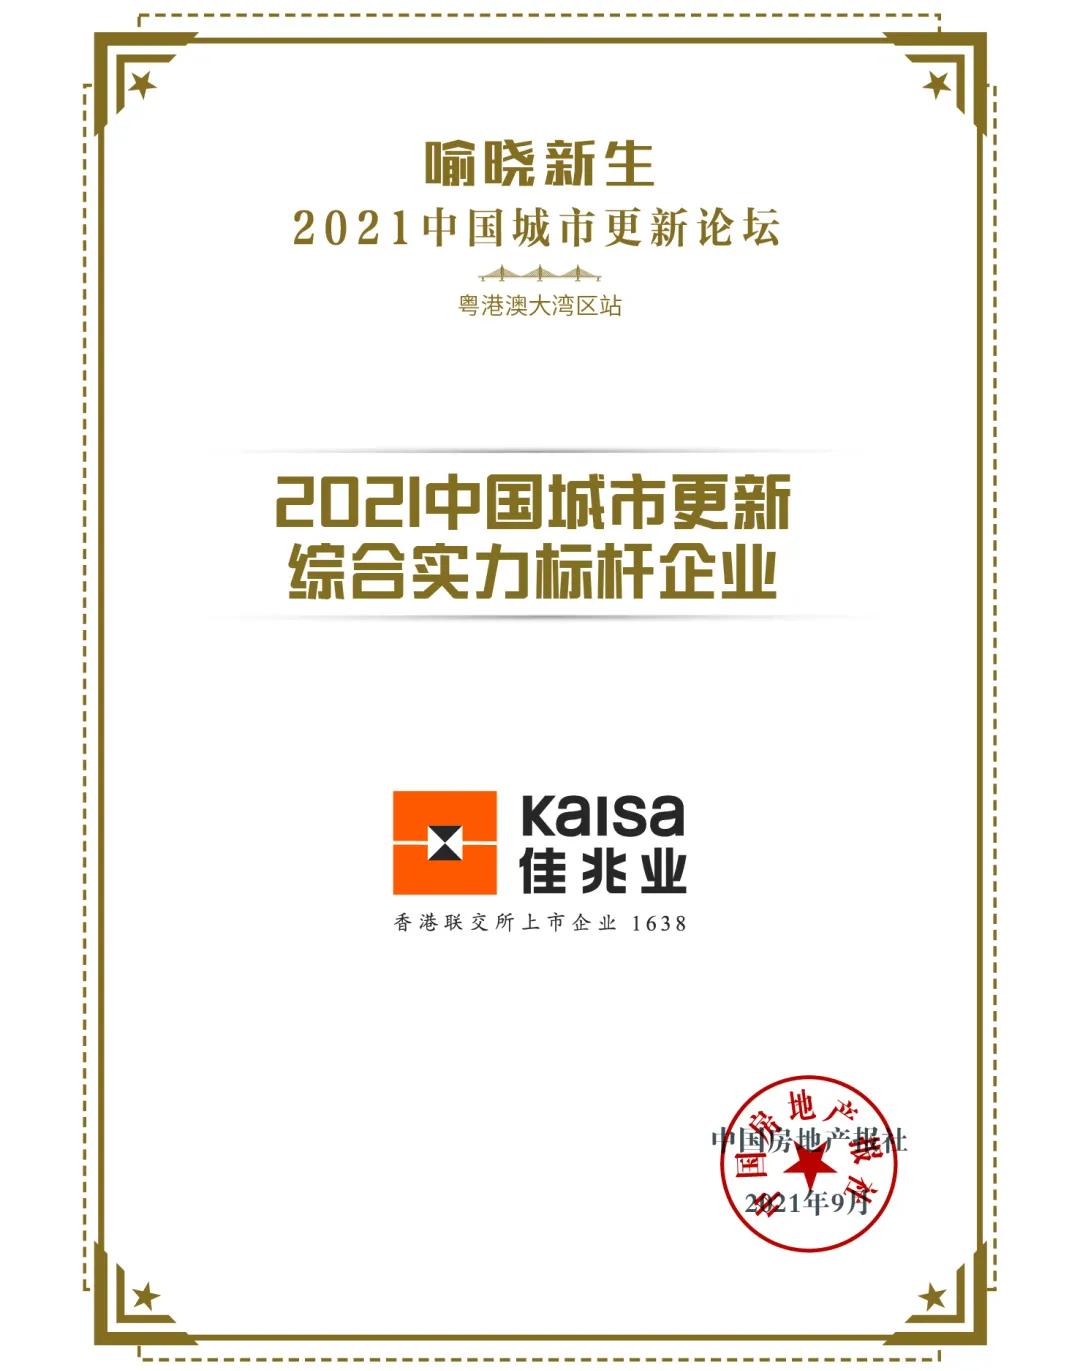 """五大优势构筑核心竞争力 佳兆业荣登""""2021中国房地产企业城市更新竞争力指数""""第一名_中国网地产"""